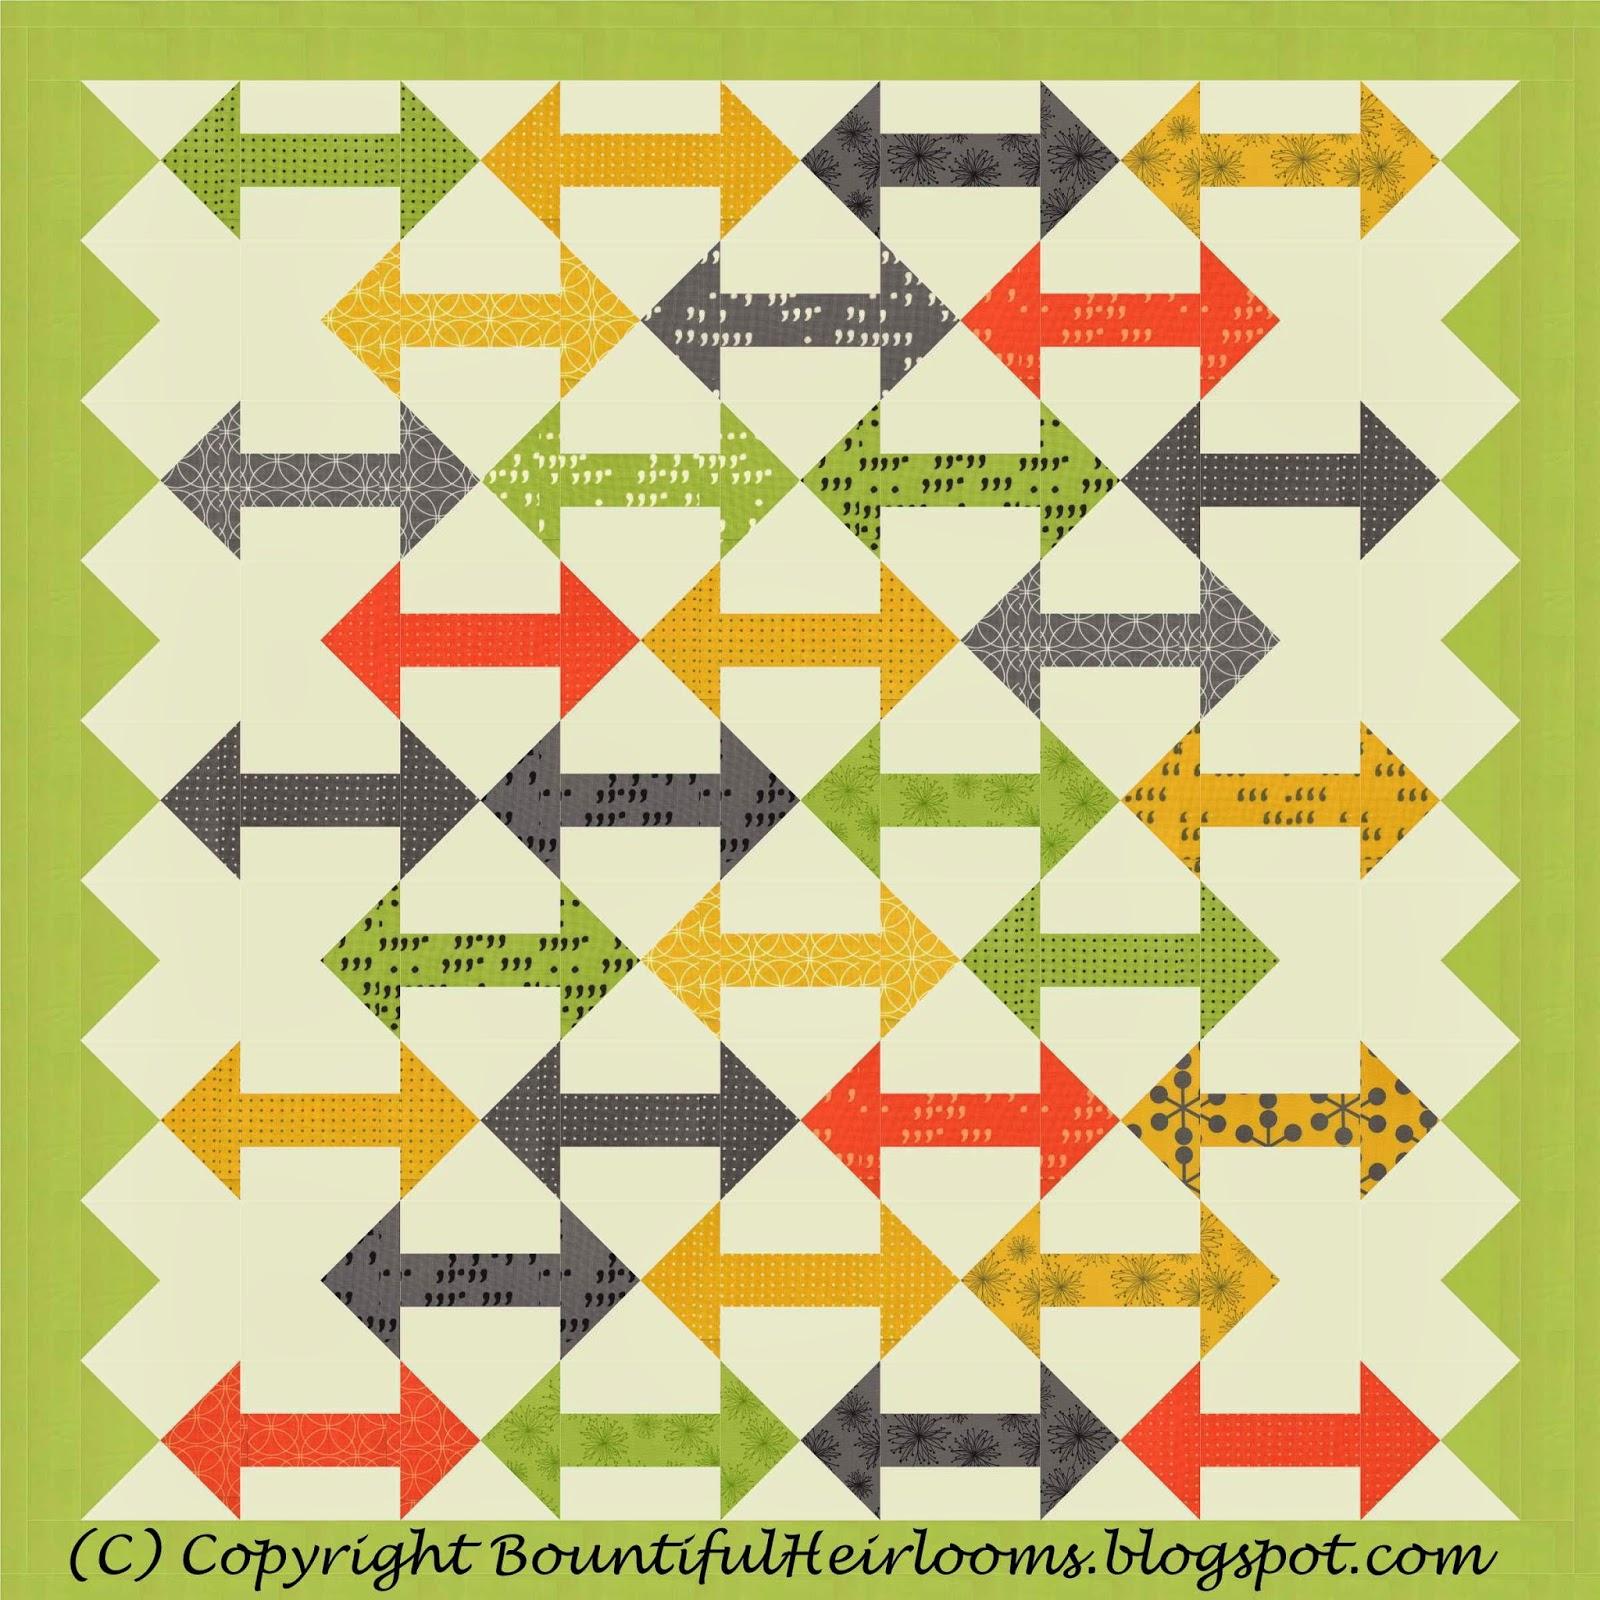 http://2.bp.blogspot.com/-xv7doDHtWIw/UydzxGUfCgI/AAAAAAAABcQ/jN3-fw1MfB8/s1600/arrows1+watermark.JPG